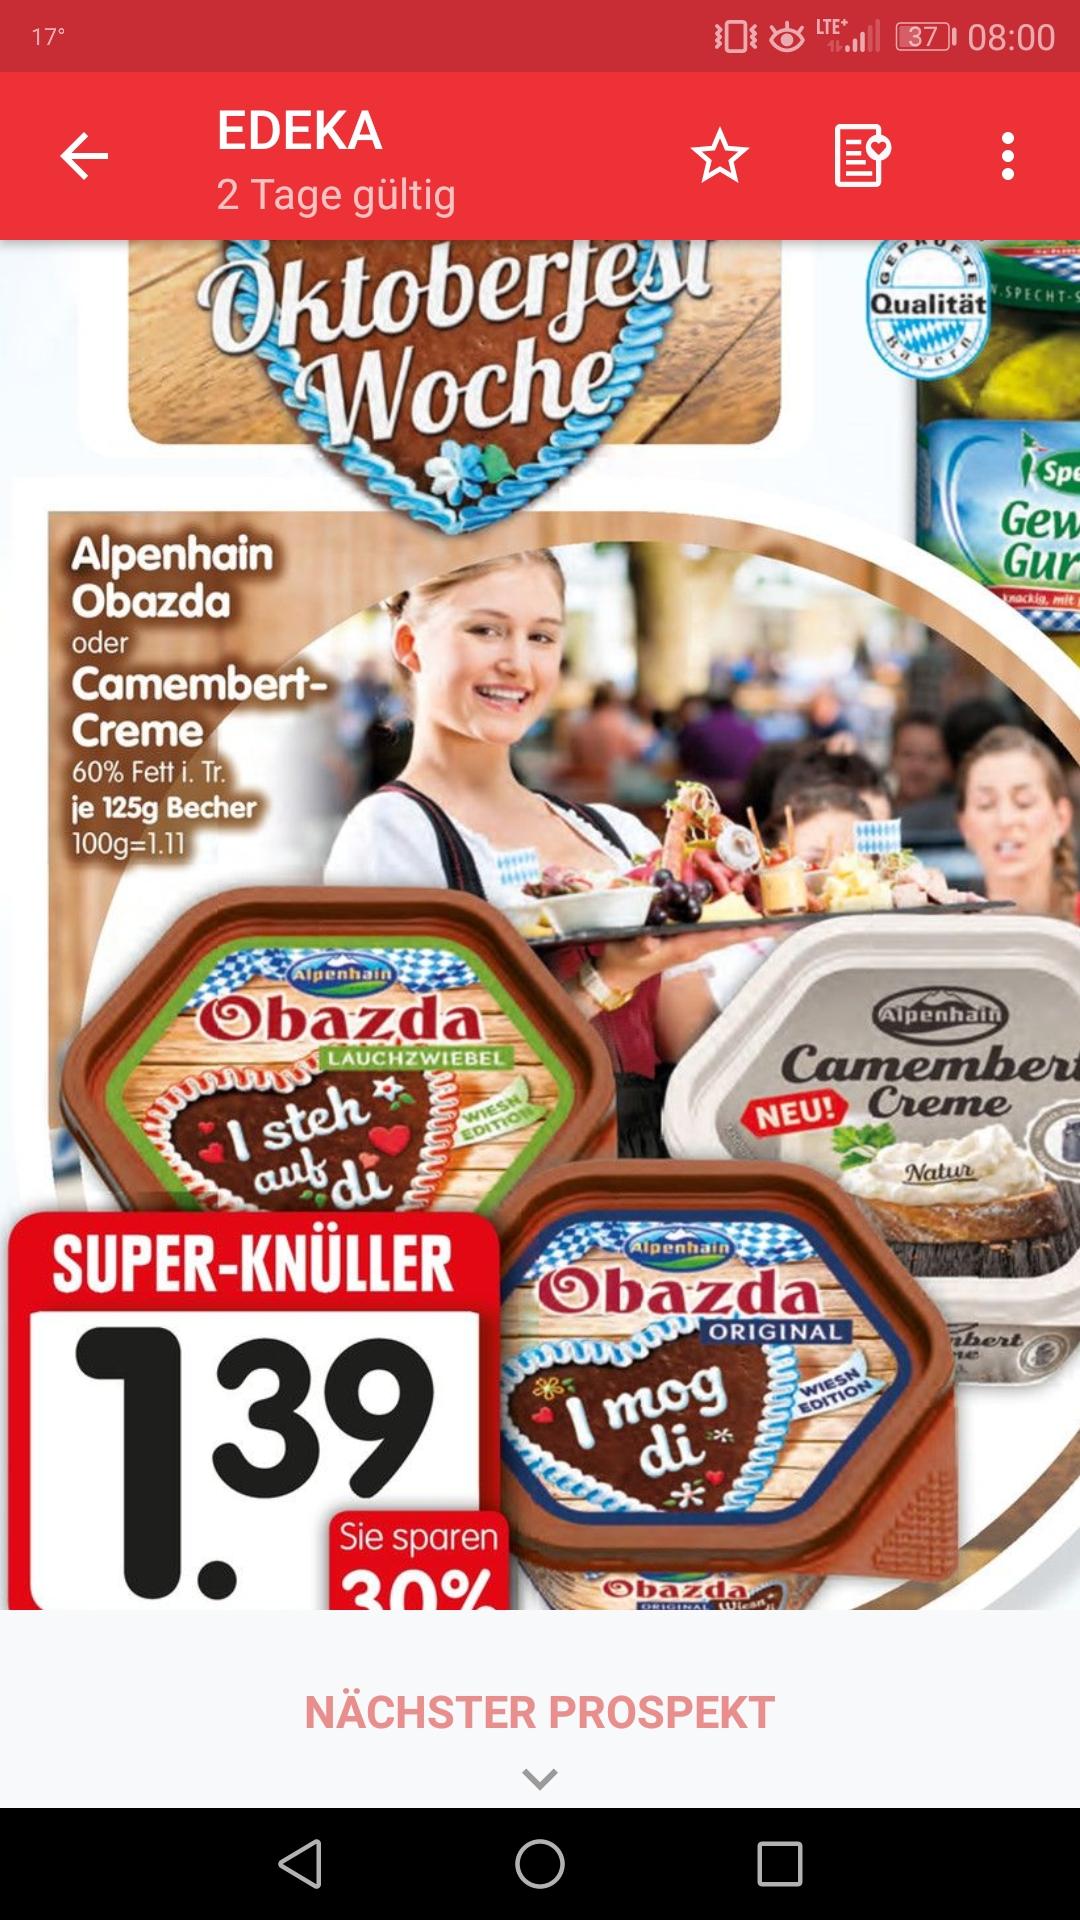 [ Edeka süd ] Alpenhain Obazda für 1,39 + 0,35€ Marktguru Cashback